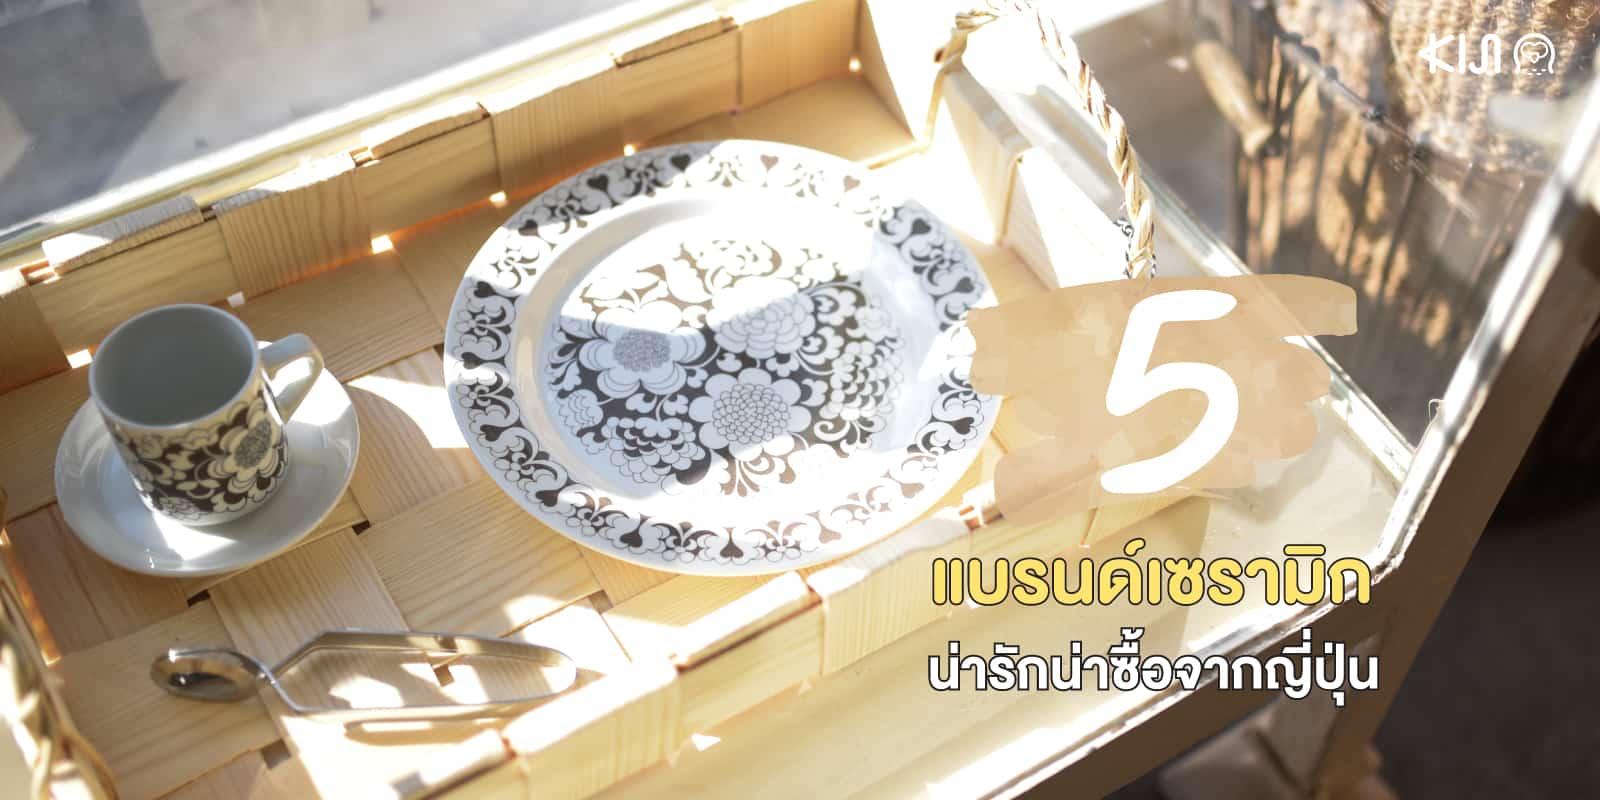 5 แบรนด์เซรามิกสุดพรีเมียมน่ารักน่าซื้อจากญี่ปุ่น